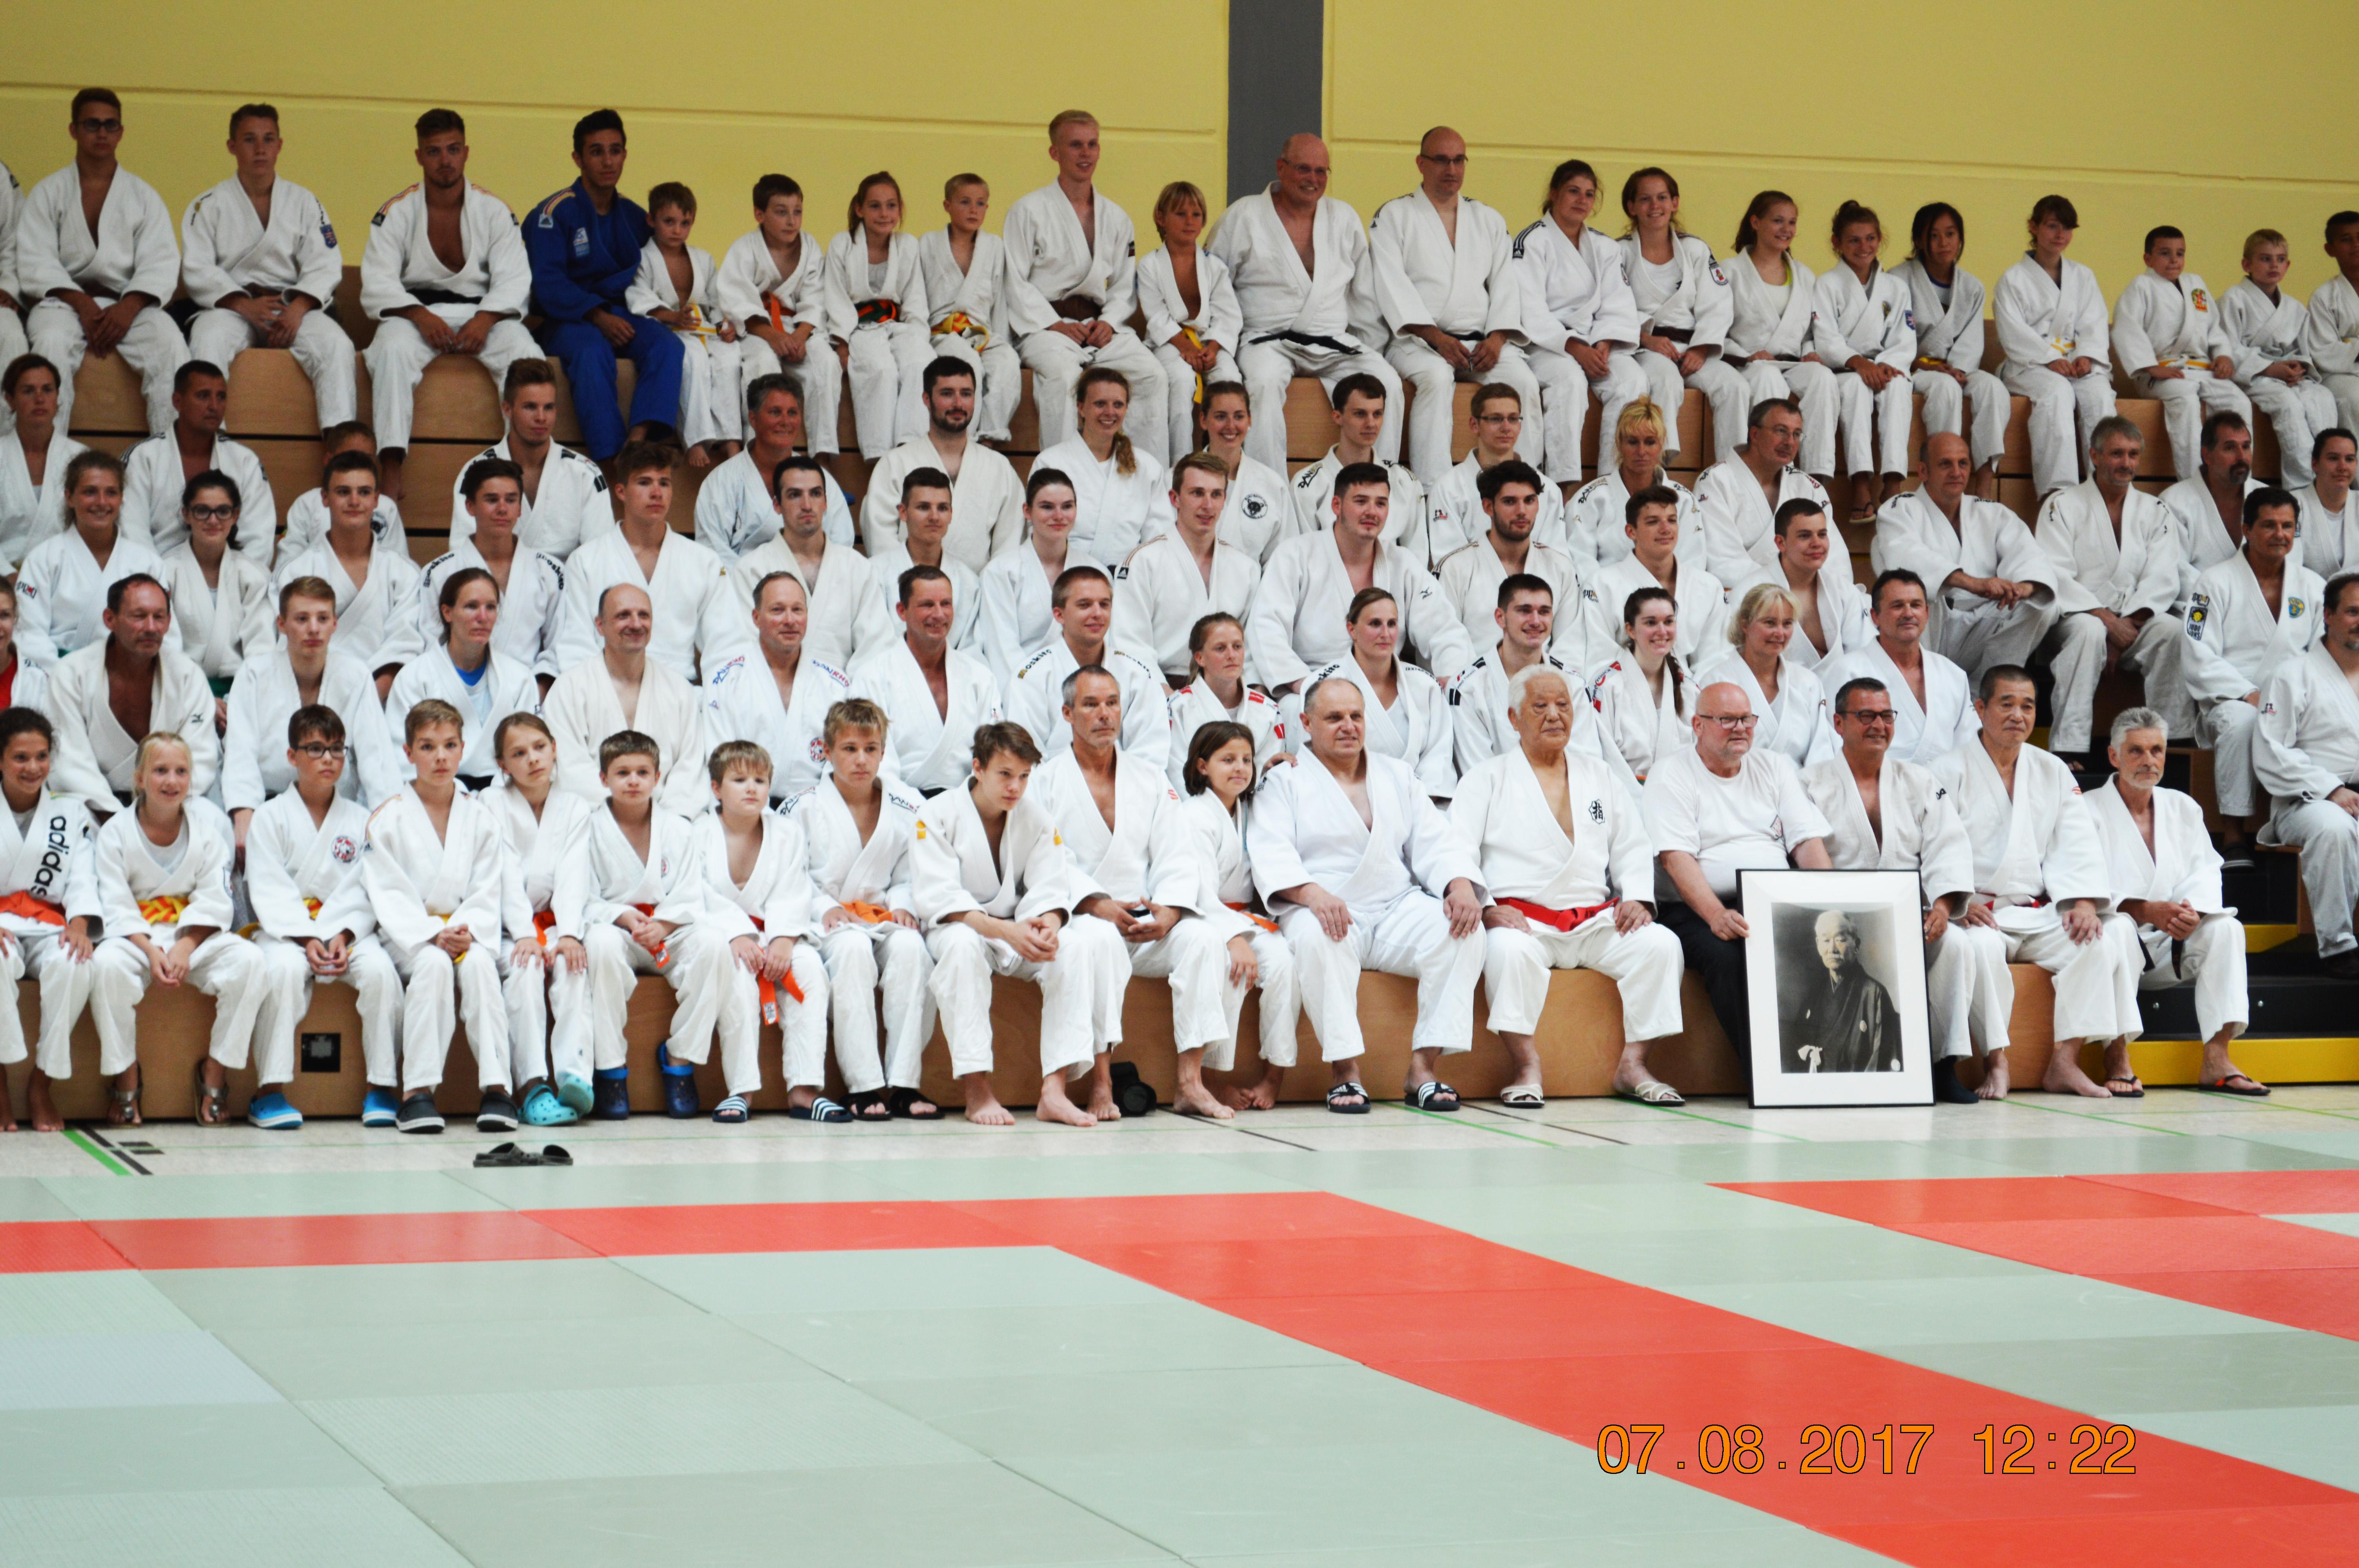 Der ehrwürdige Meister Shiro Yamamoto Sensei (roter Gürtel) mit Frank-Ulrich Lenz Sensei, Makoto Katada Sensei umgeben von den Teilnehmern der diesjährigen Judo-Sommerschule 2017.